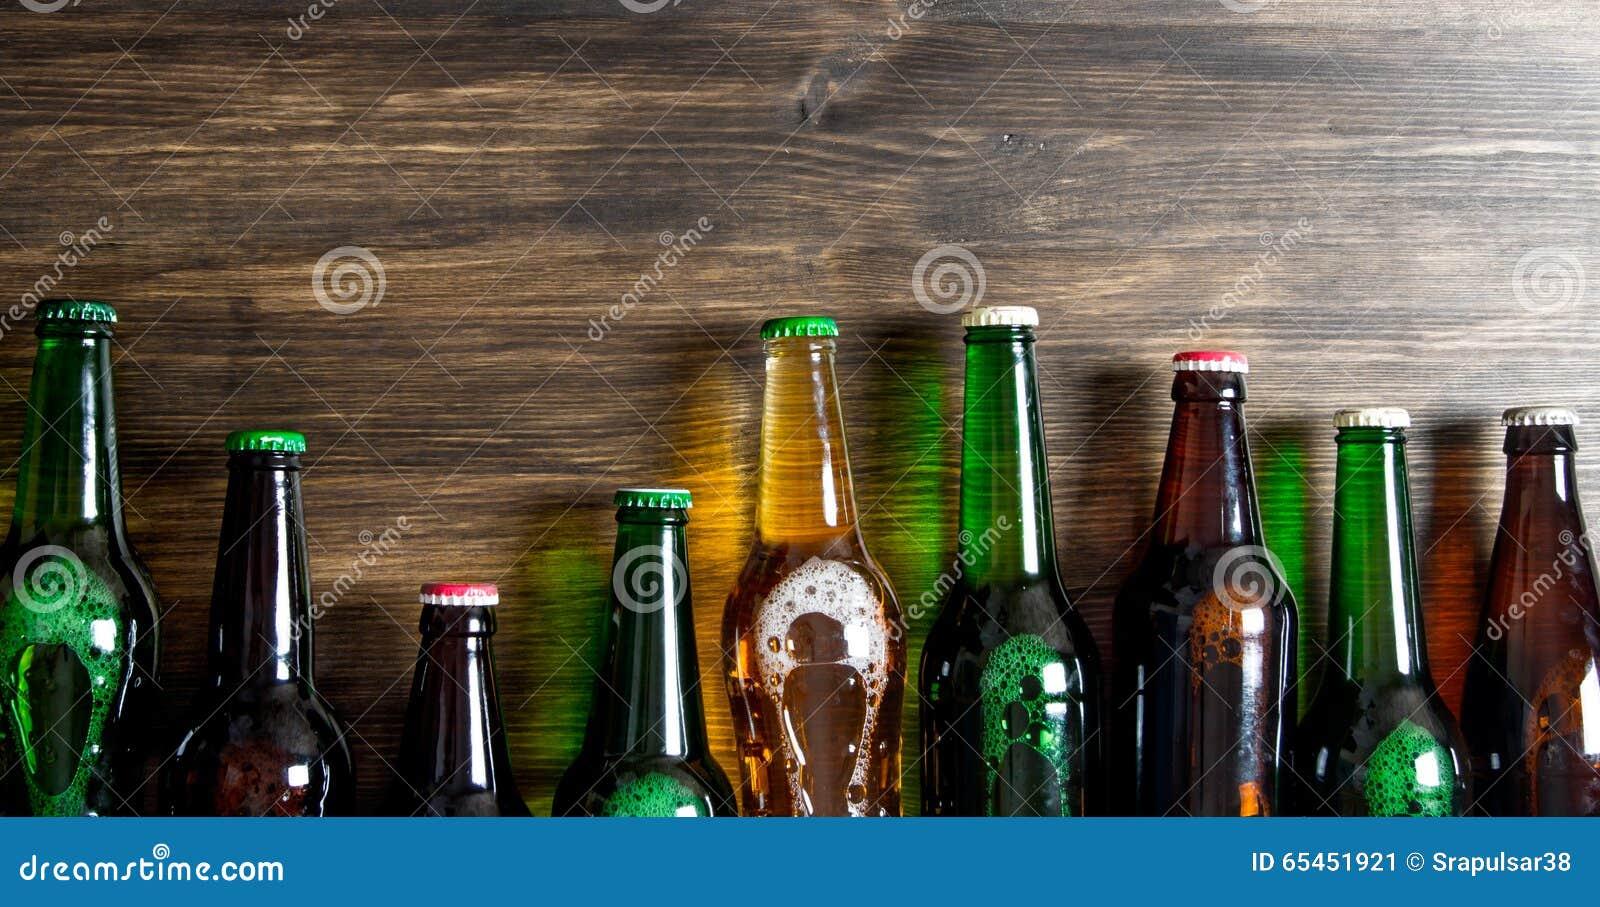 在一张木桌上的啤酒瓶 顶视图.图片